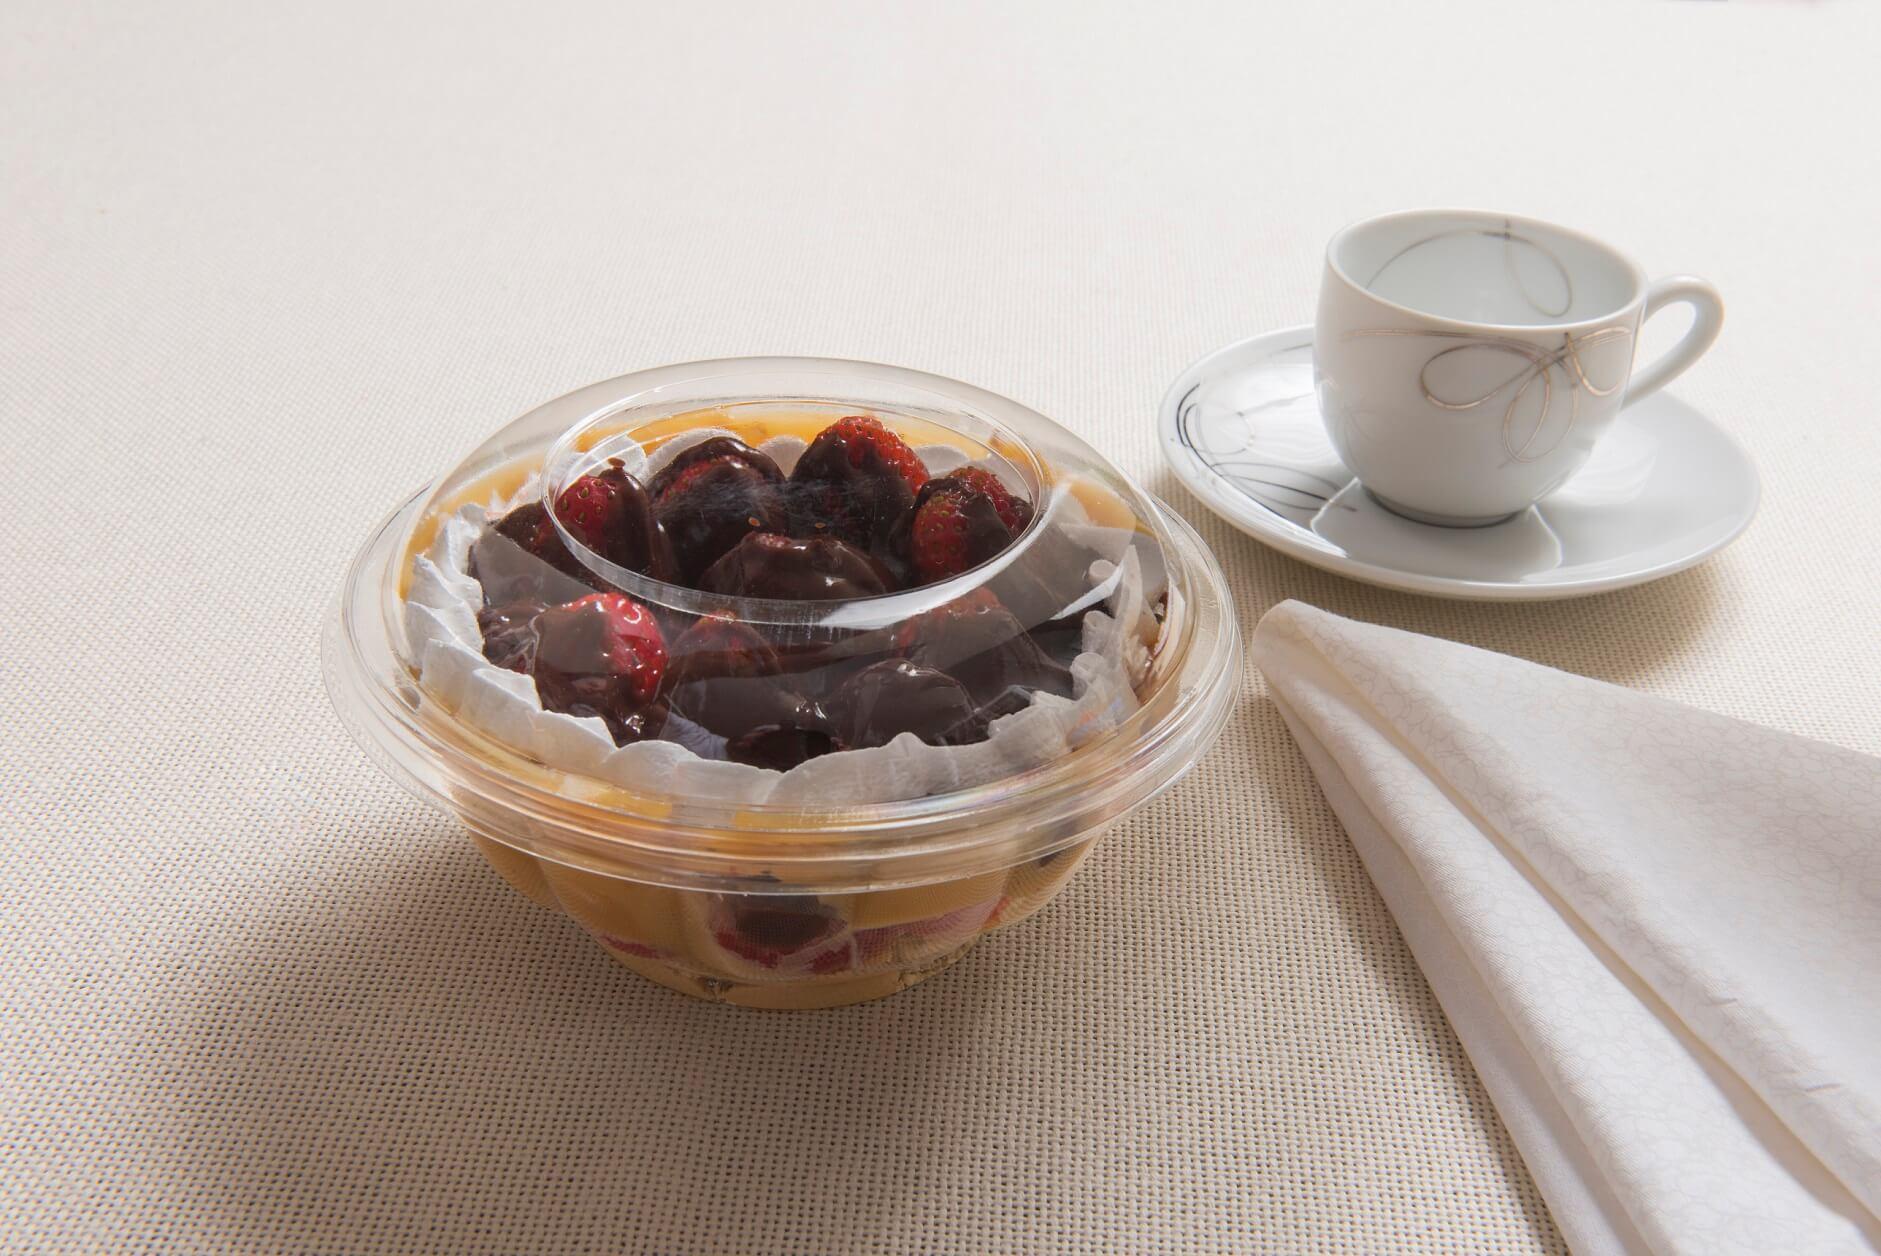 Embalagem salada individual e doces - 500mL - Galvanotek G681